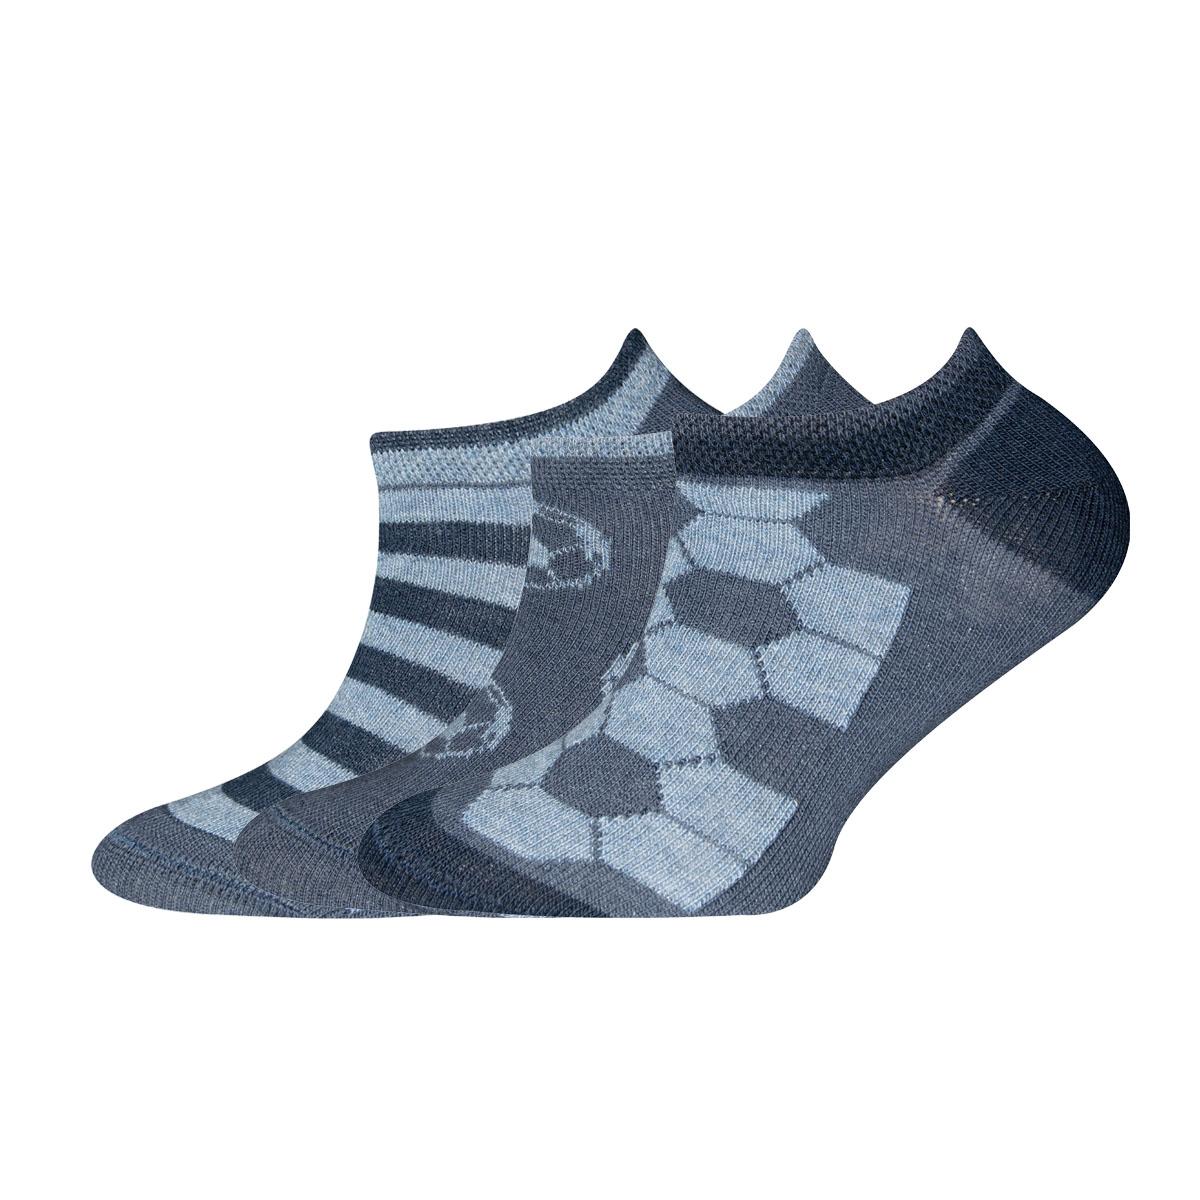 Sneaker 3er Pack Fußball, Ringel, Größe: 27-30